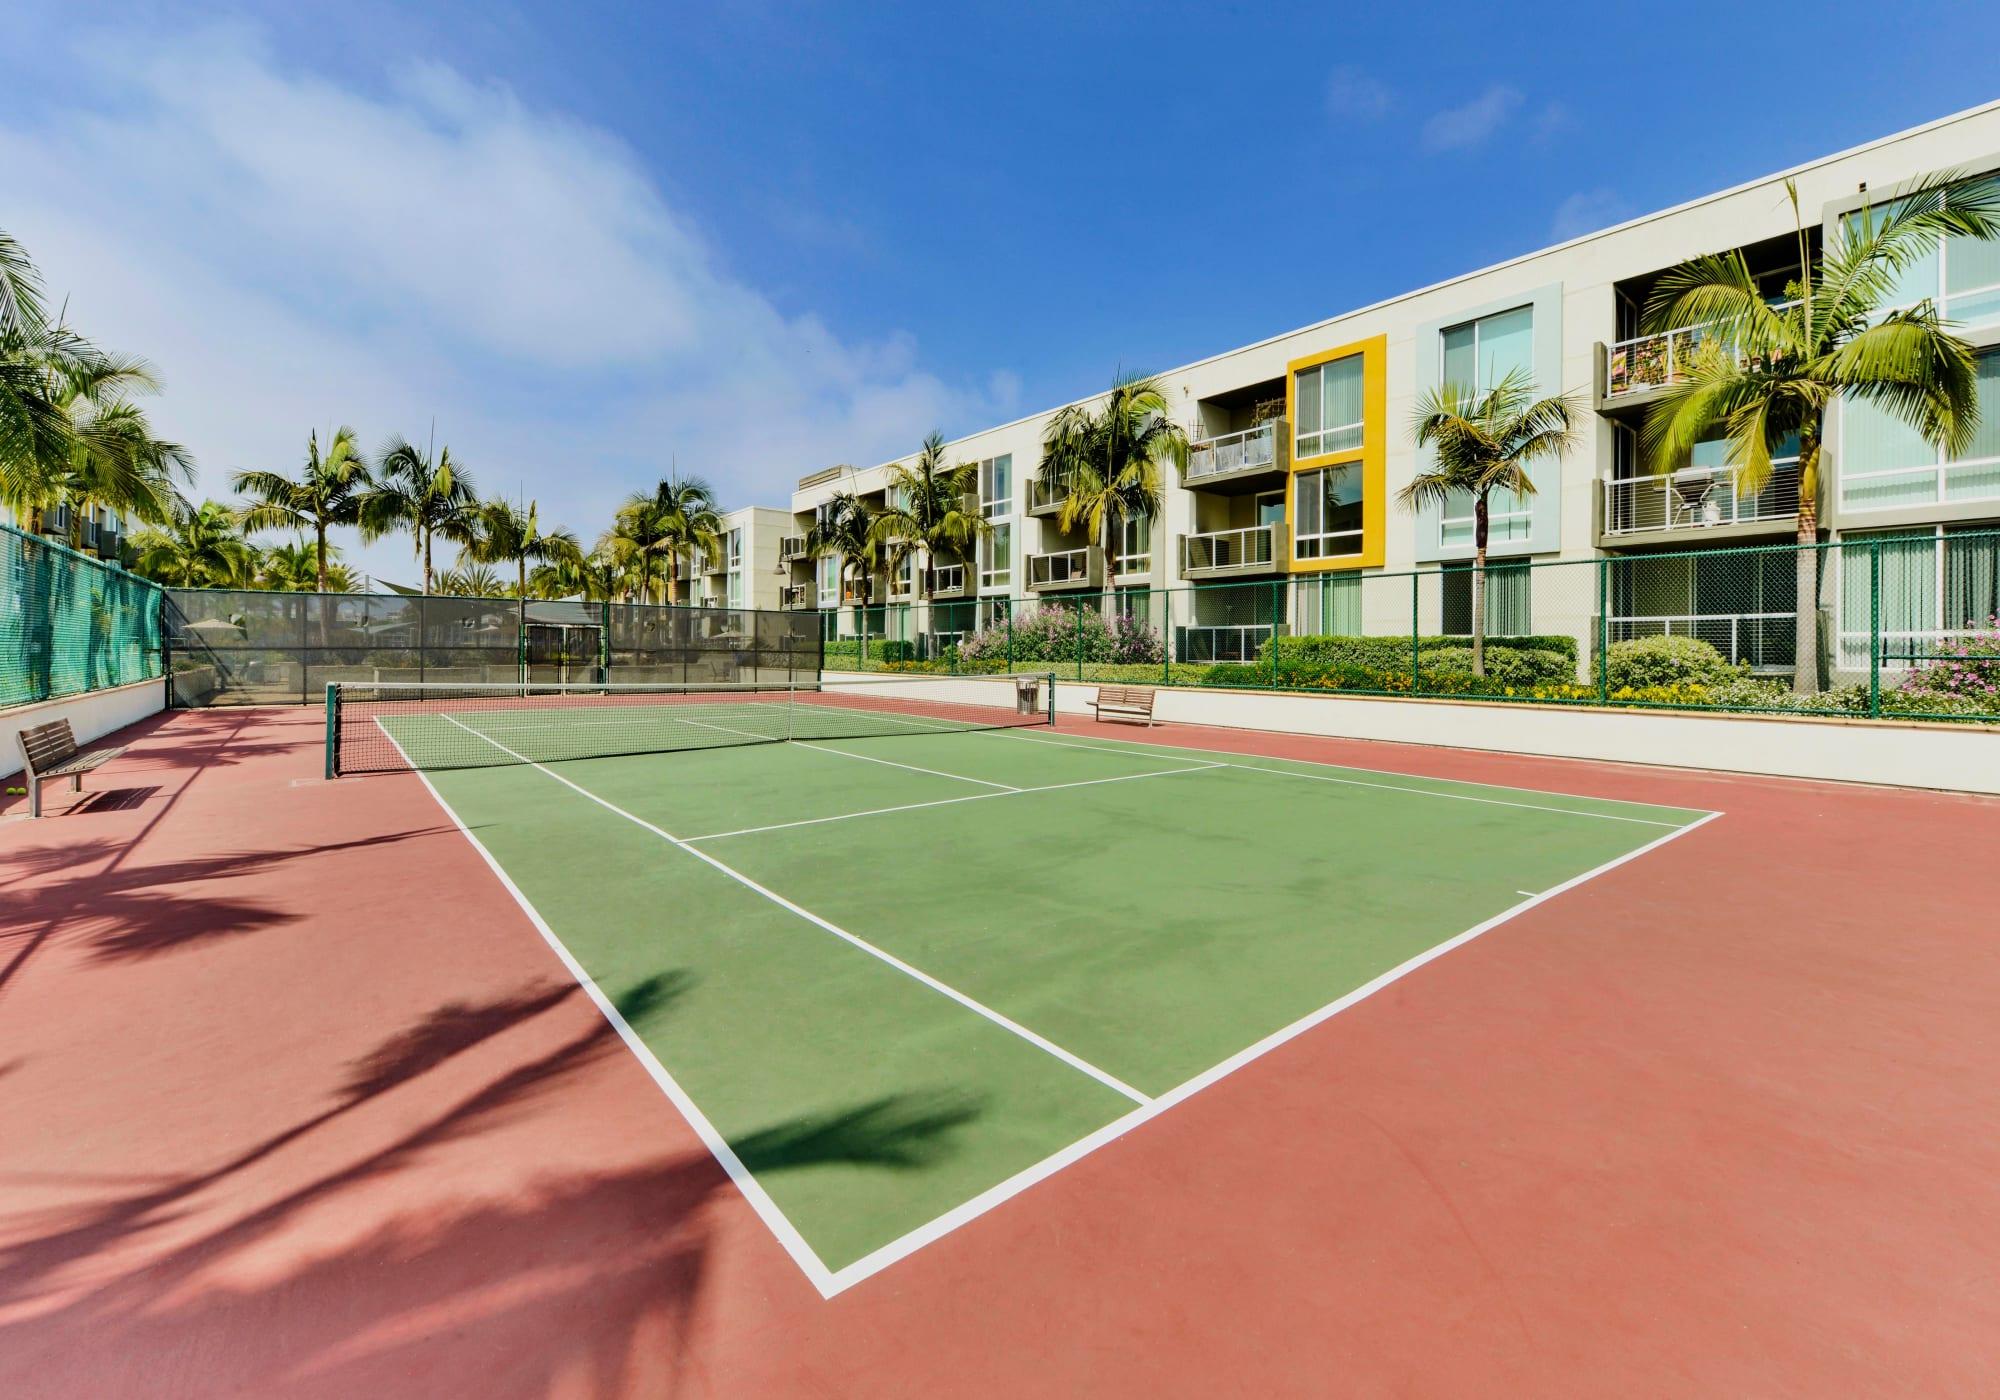 Onsite tennis courts at The Villa at Marina Harbor in Marina del Rey, California